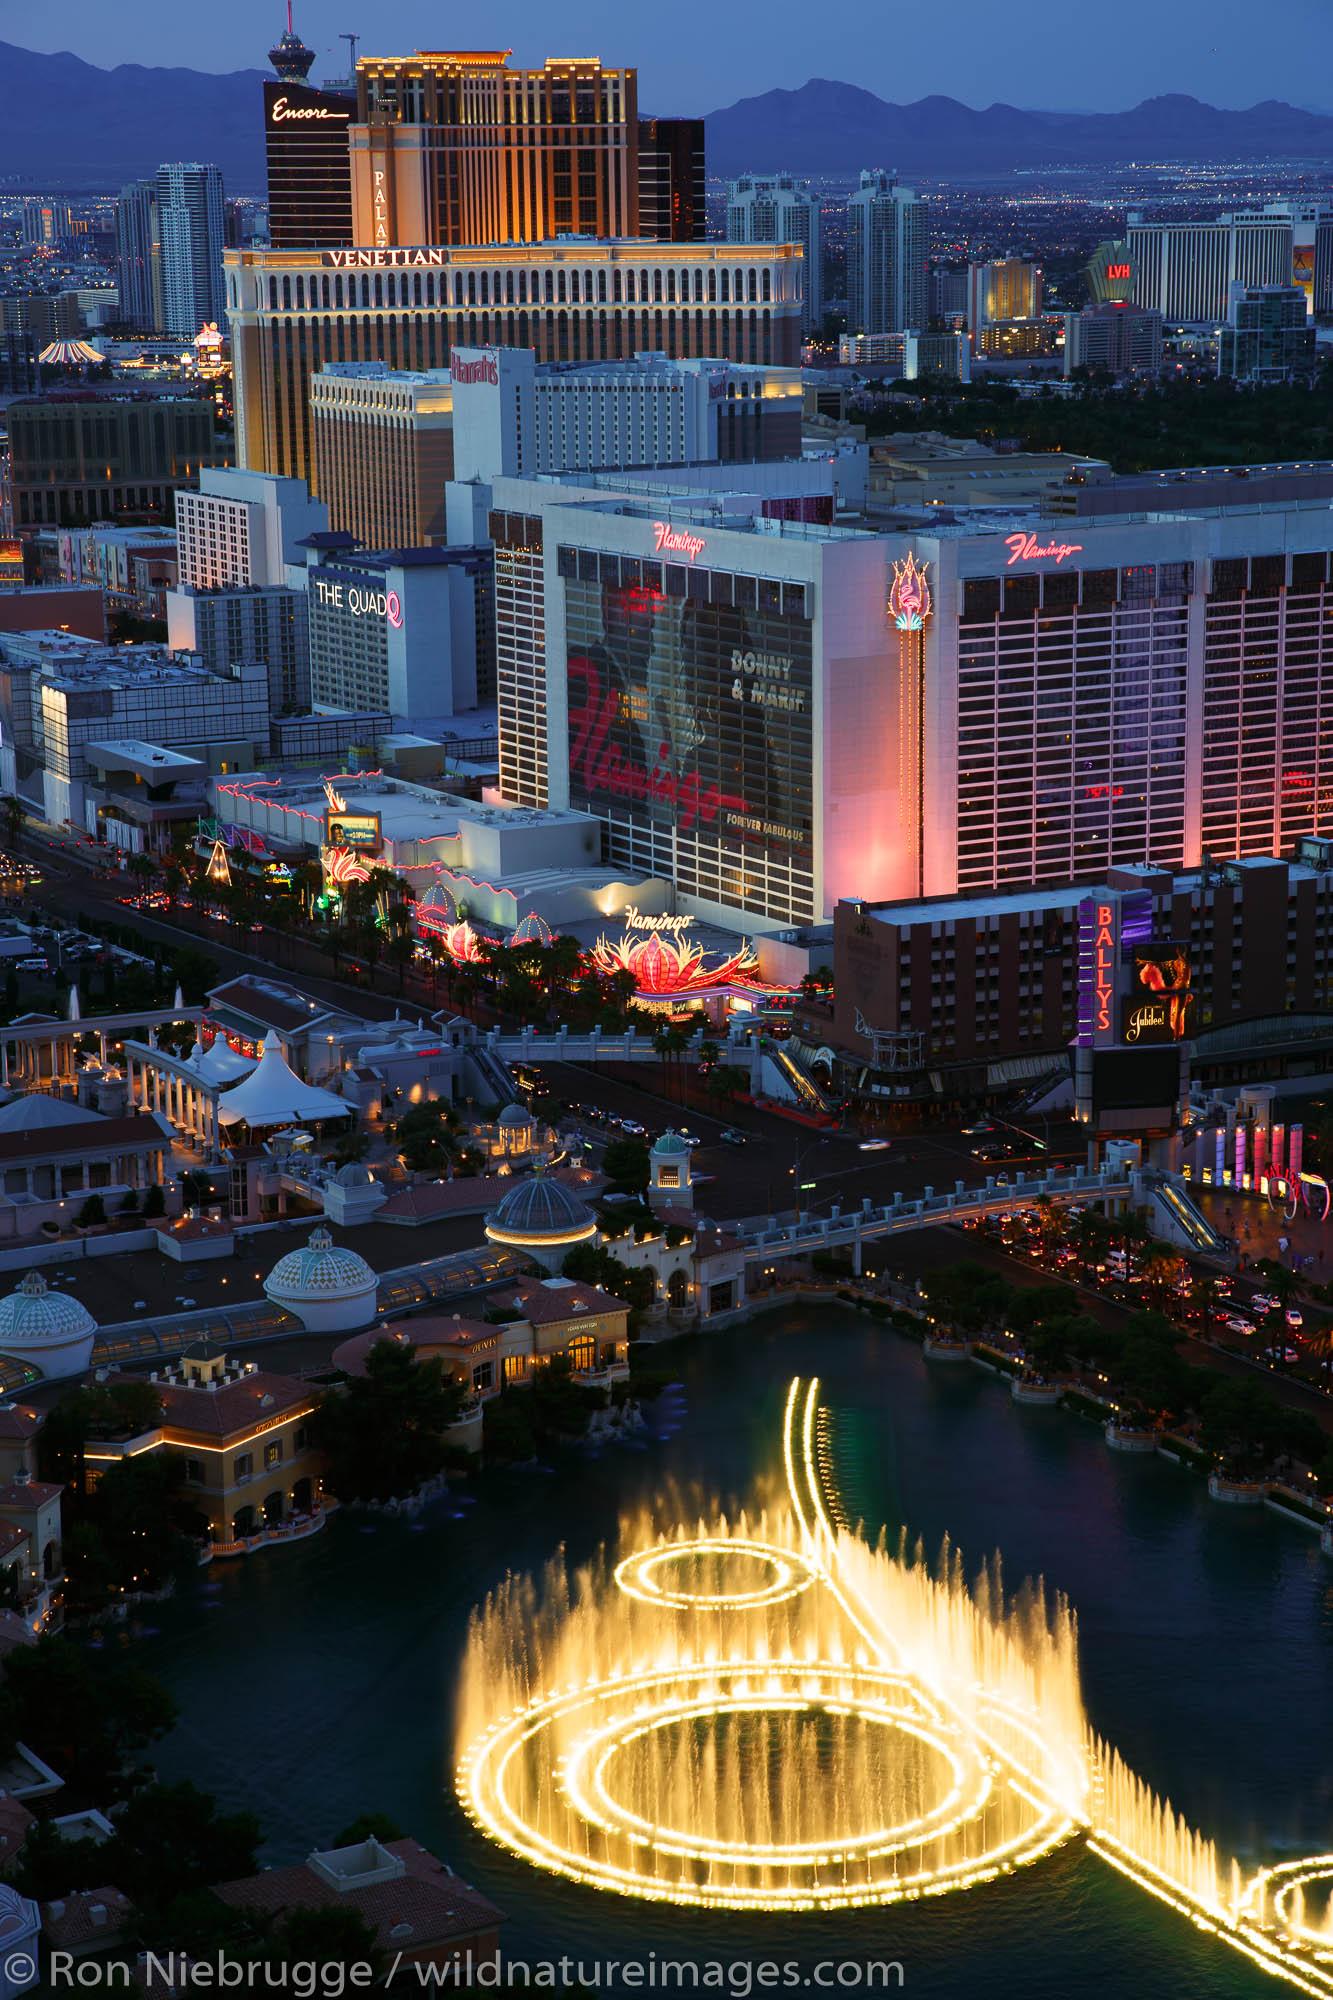 The Las Vegas Strip. Las Vegas, Nevada.